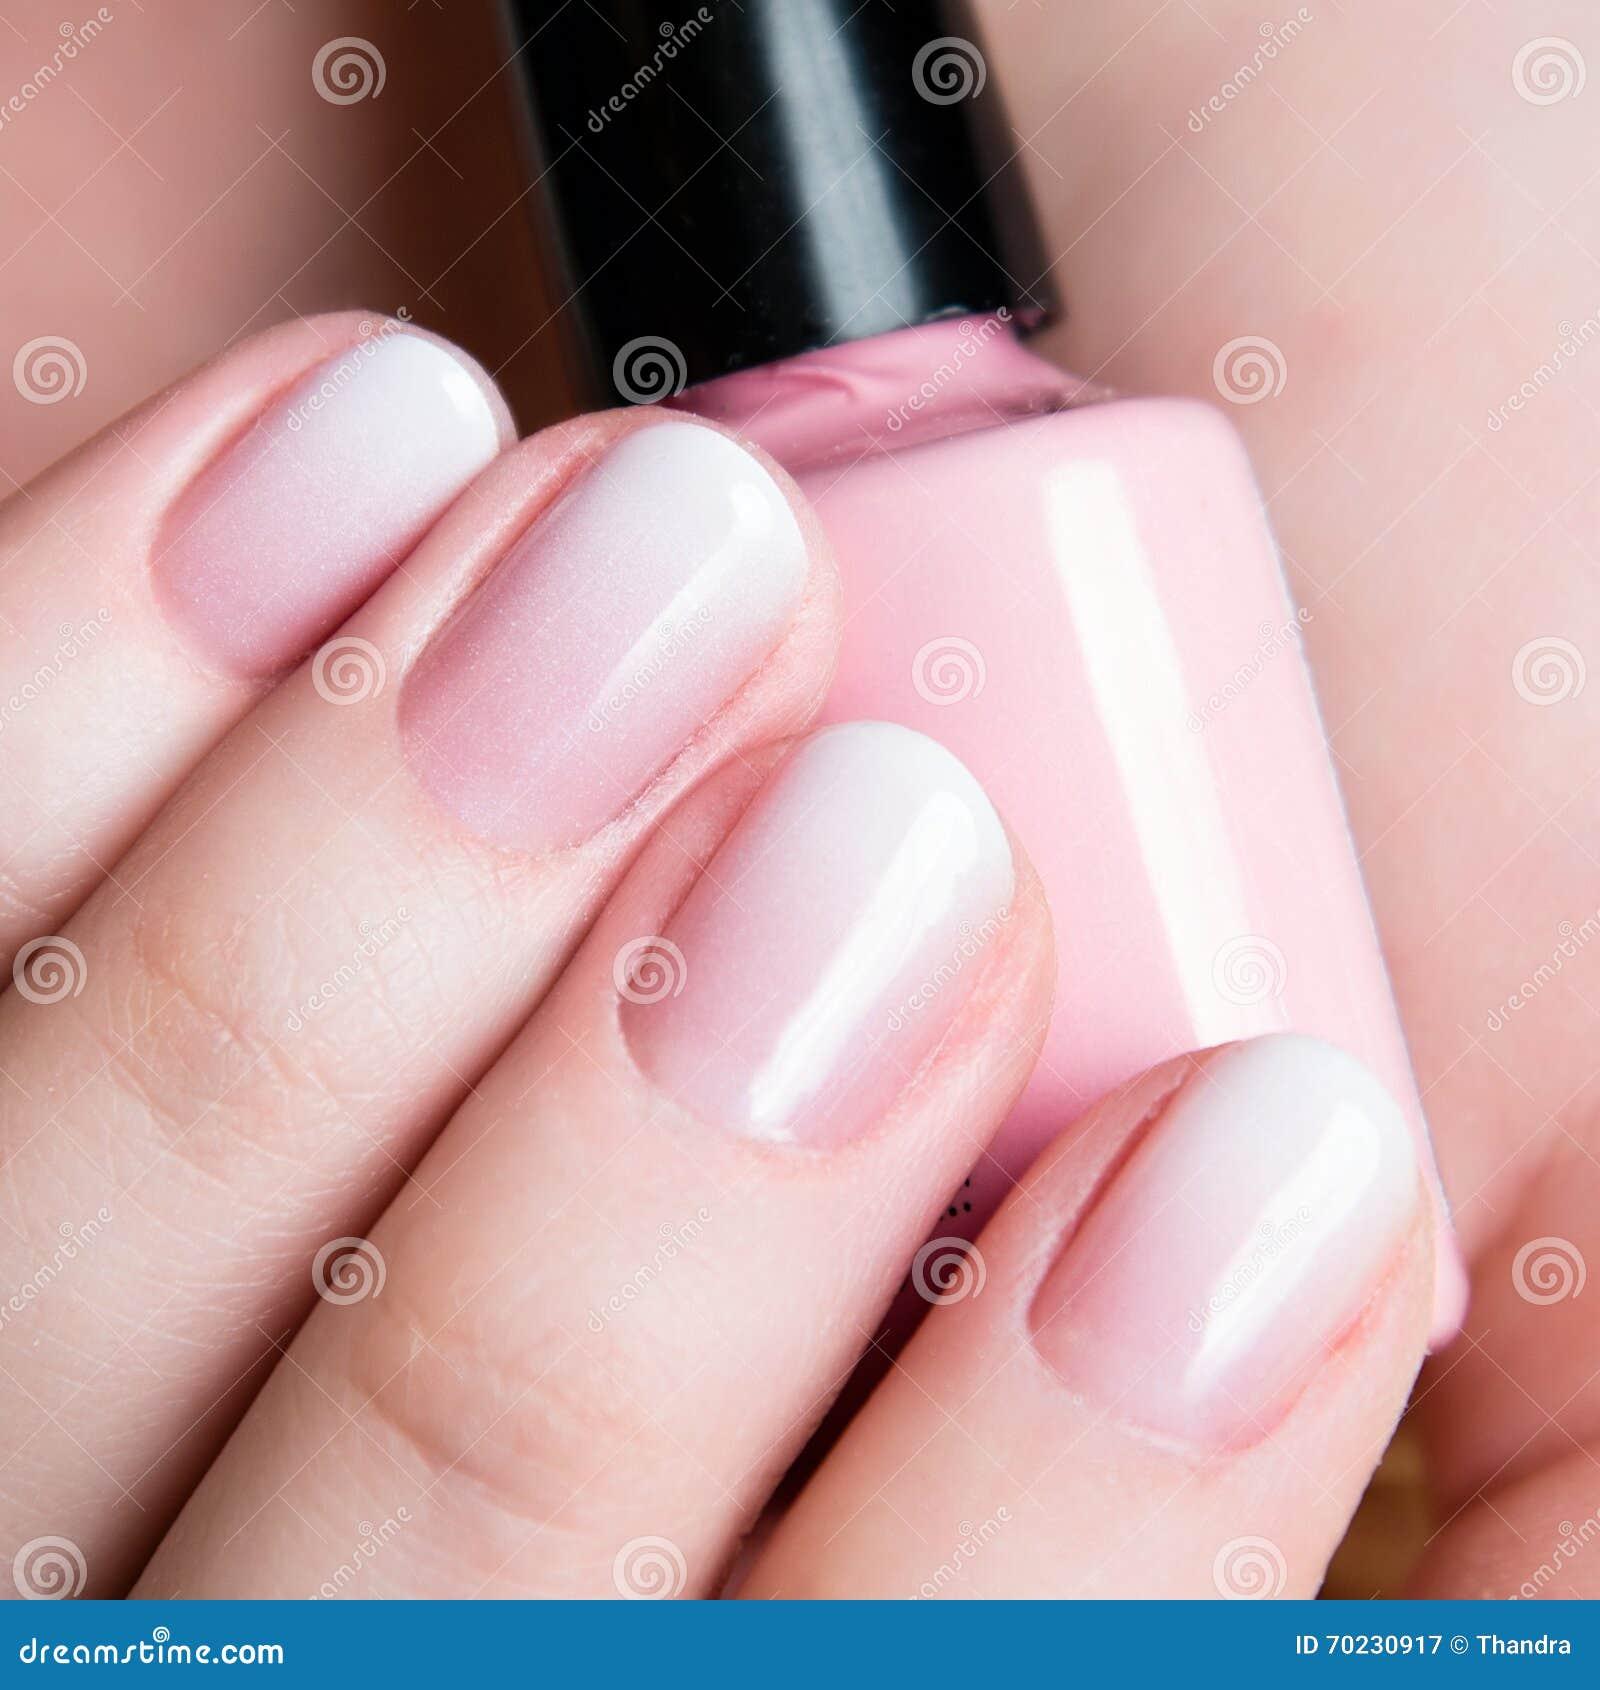 Beautiful Healthy Natural Nails Beauty Long Woman Close Up